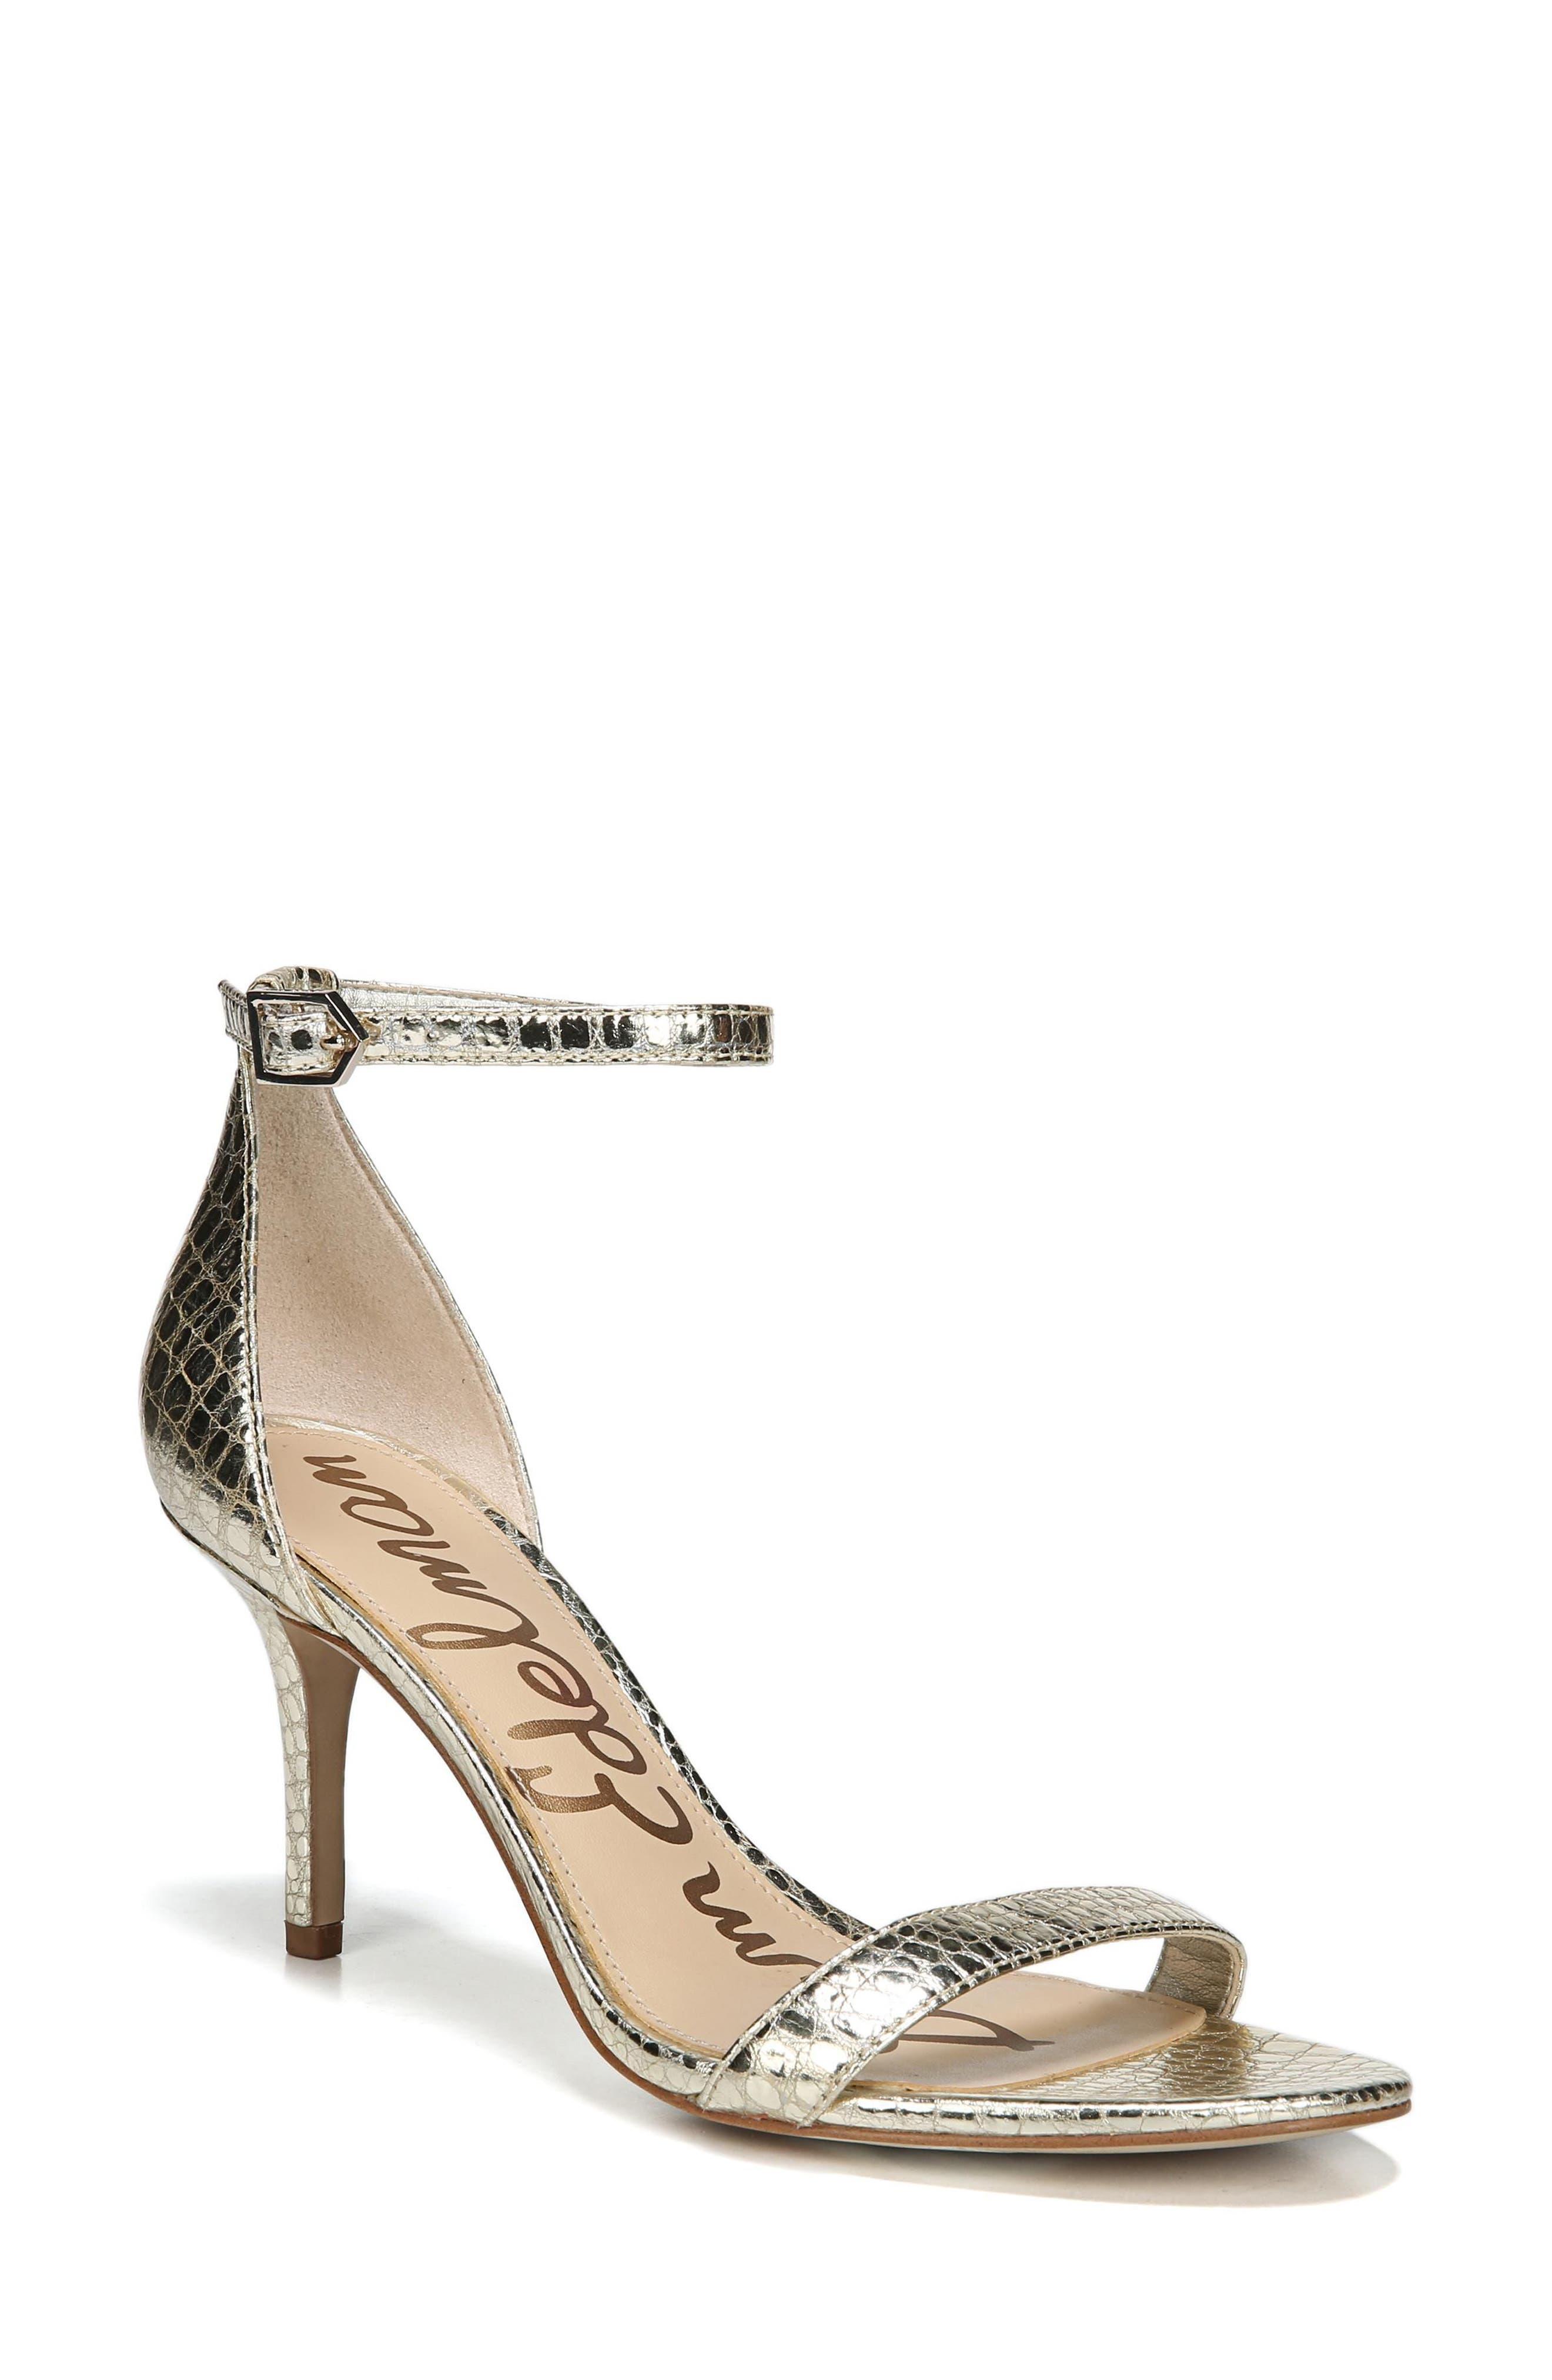 Main Image - Sam Edelman 'Patti' Ankle Strap Sandal (Women)